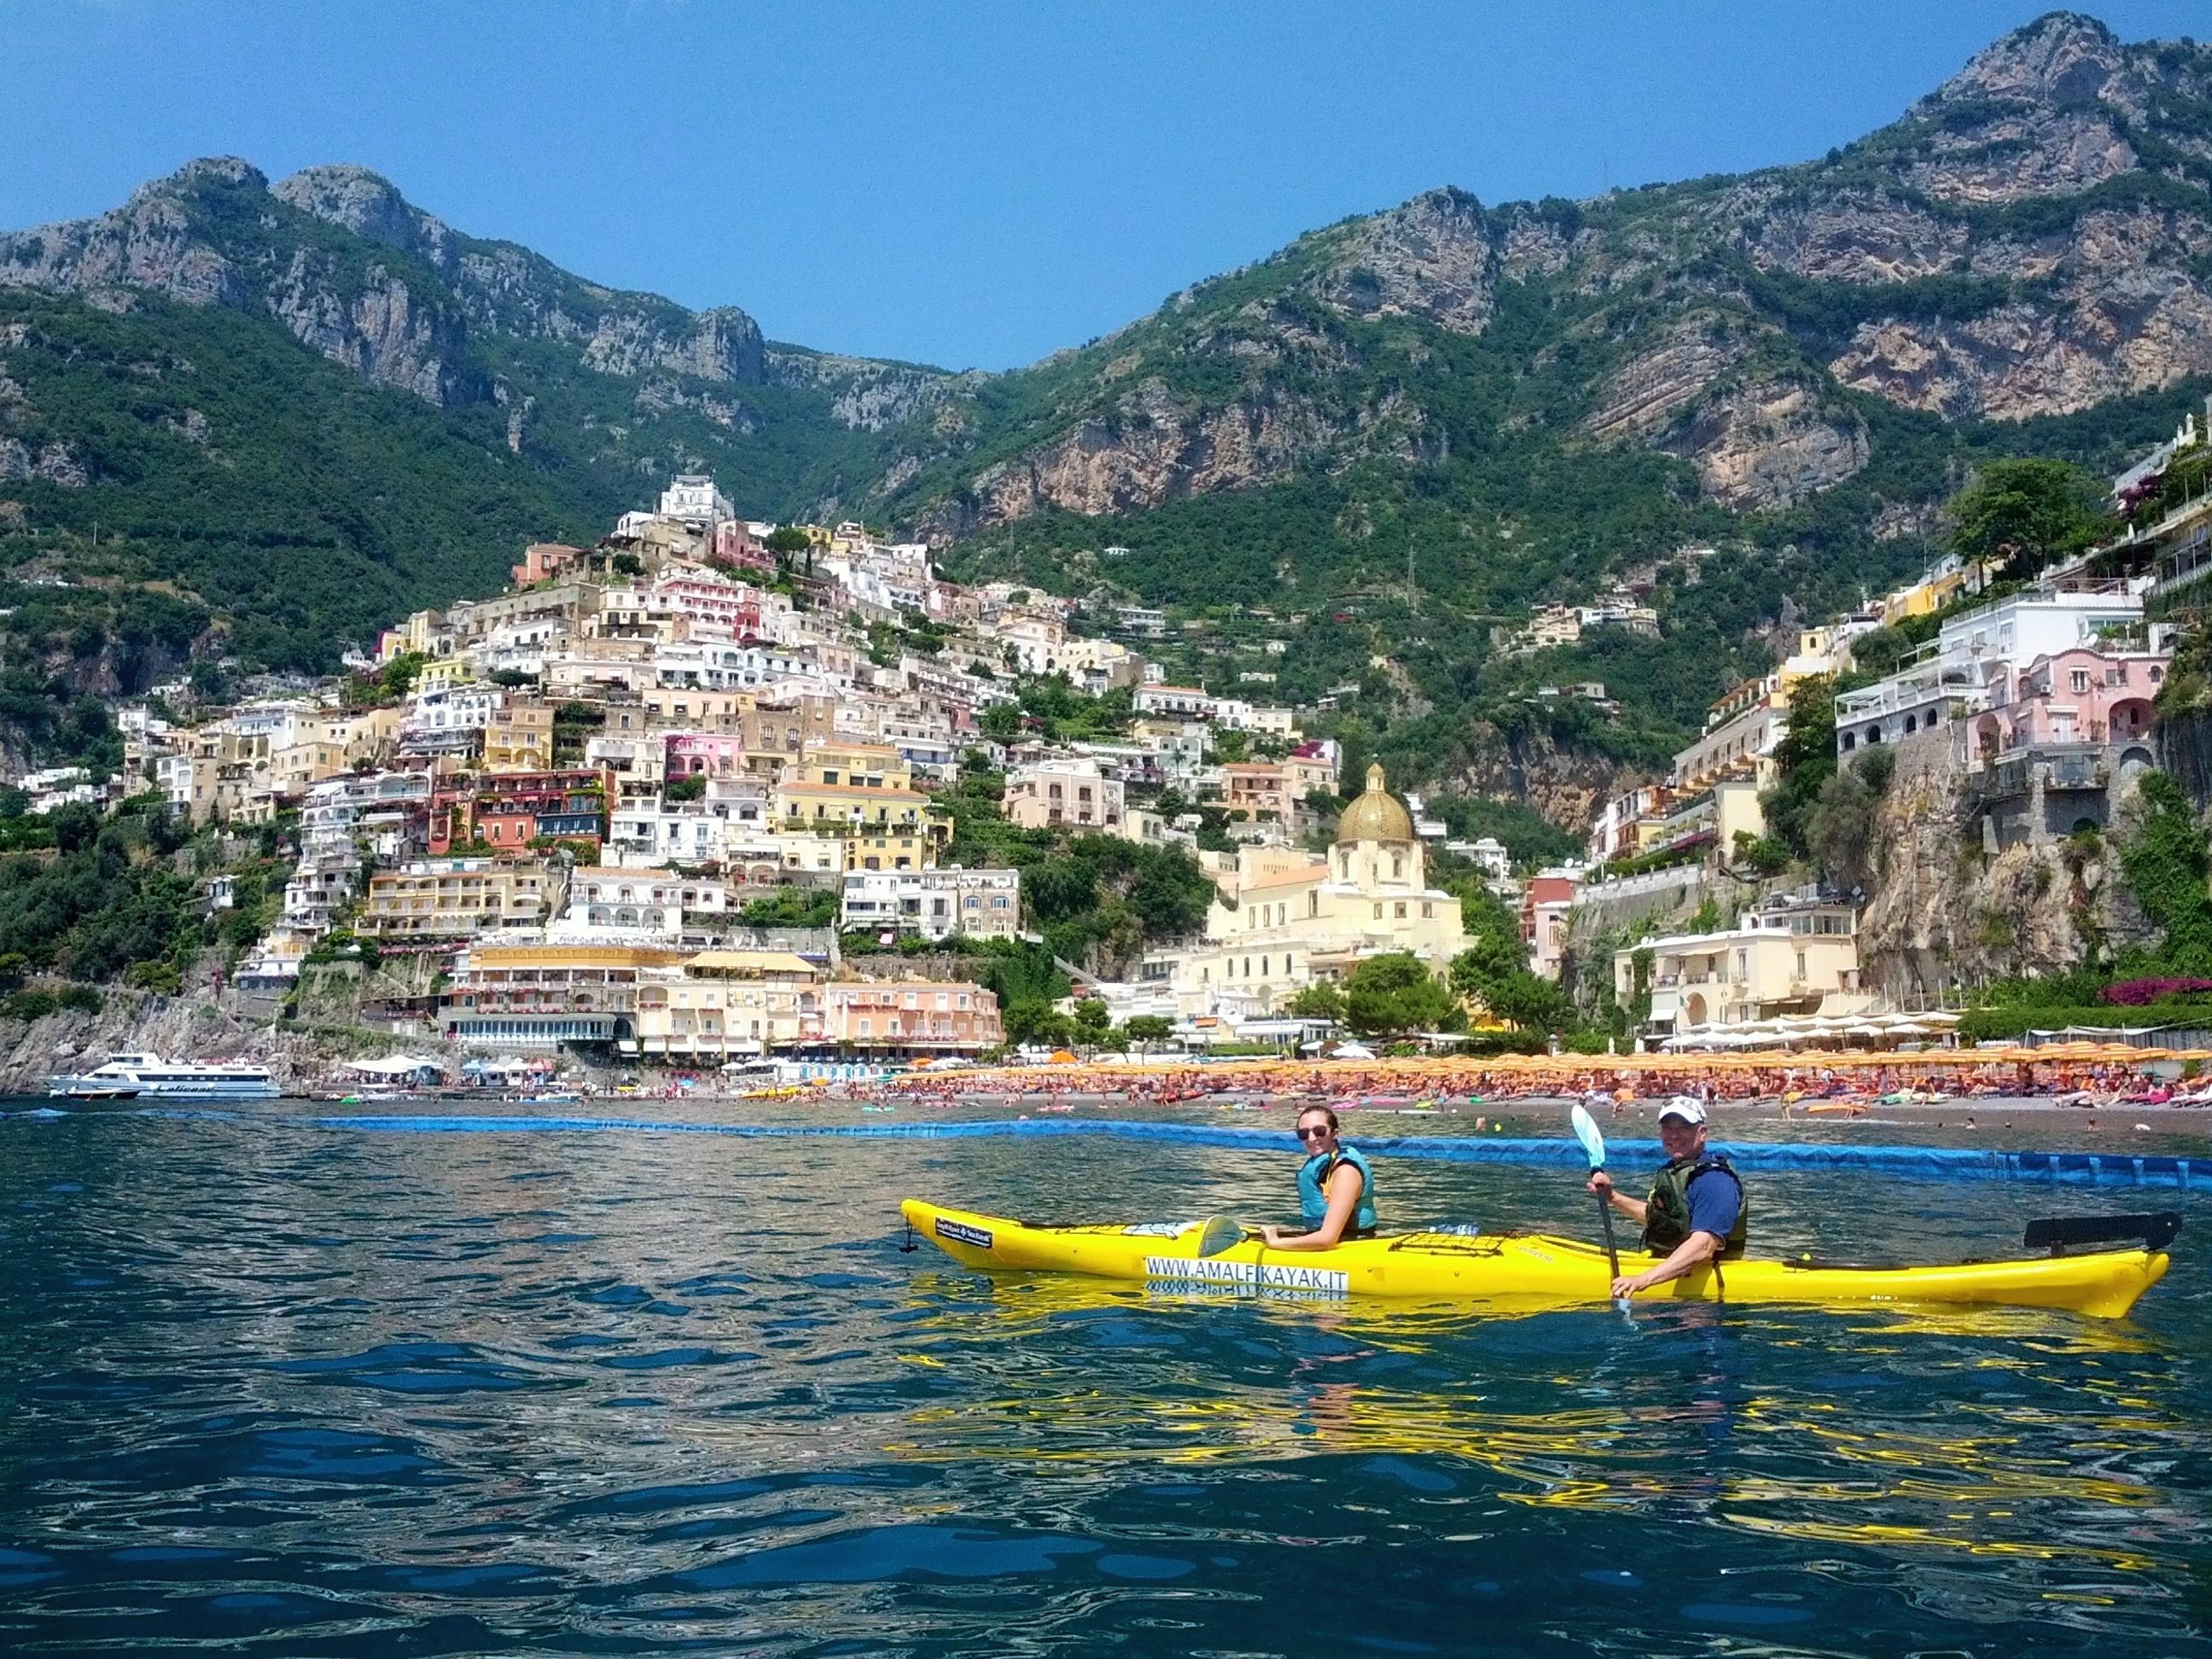 Positano - Amalfi Kayak, Italy